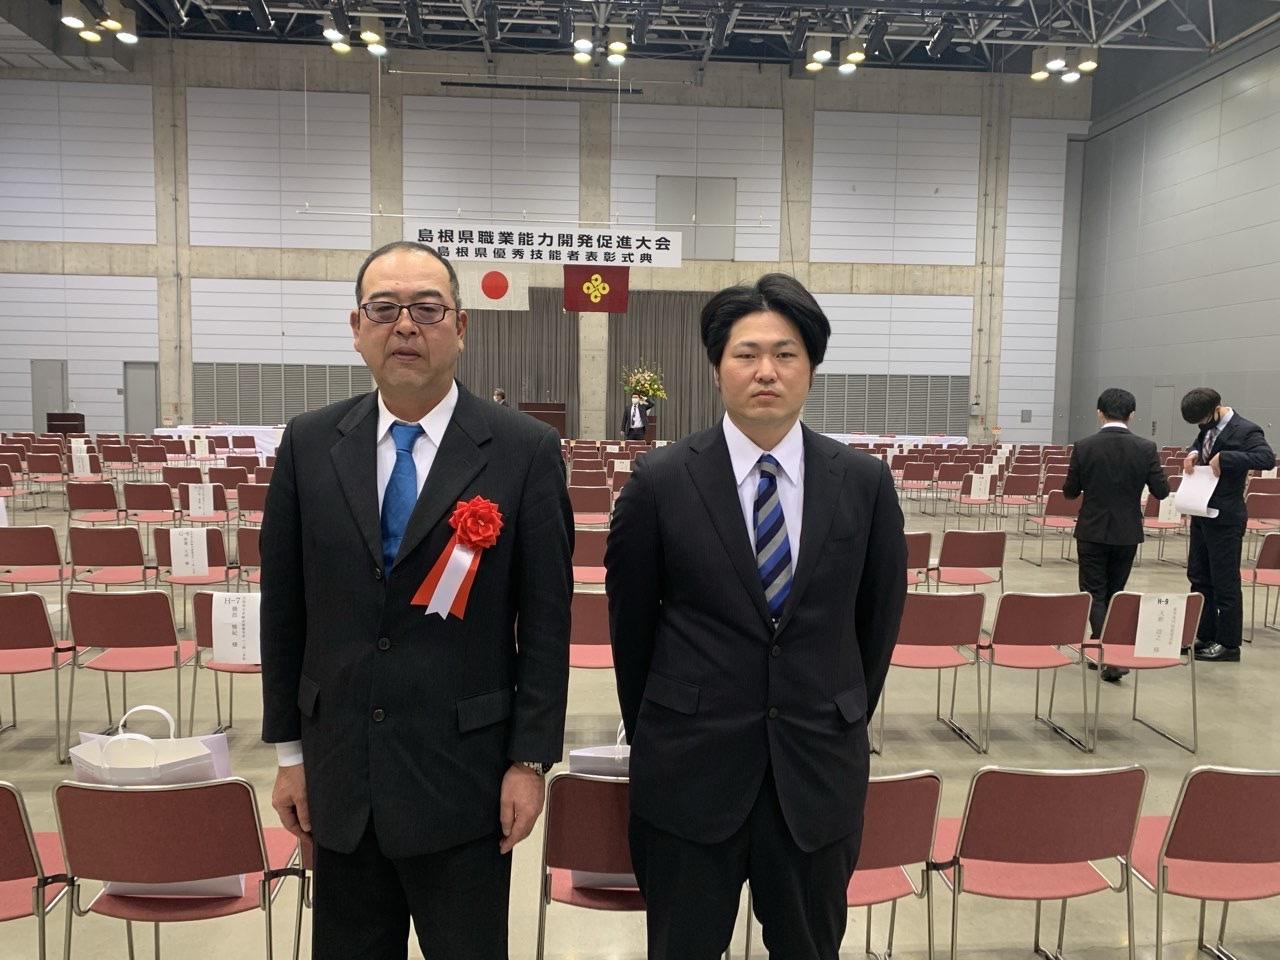 島根県知事表彰を受賞しました!_b0254686_13385539.jpeg